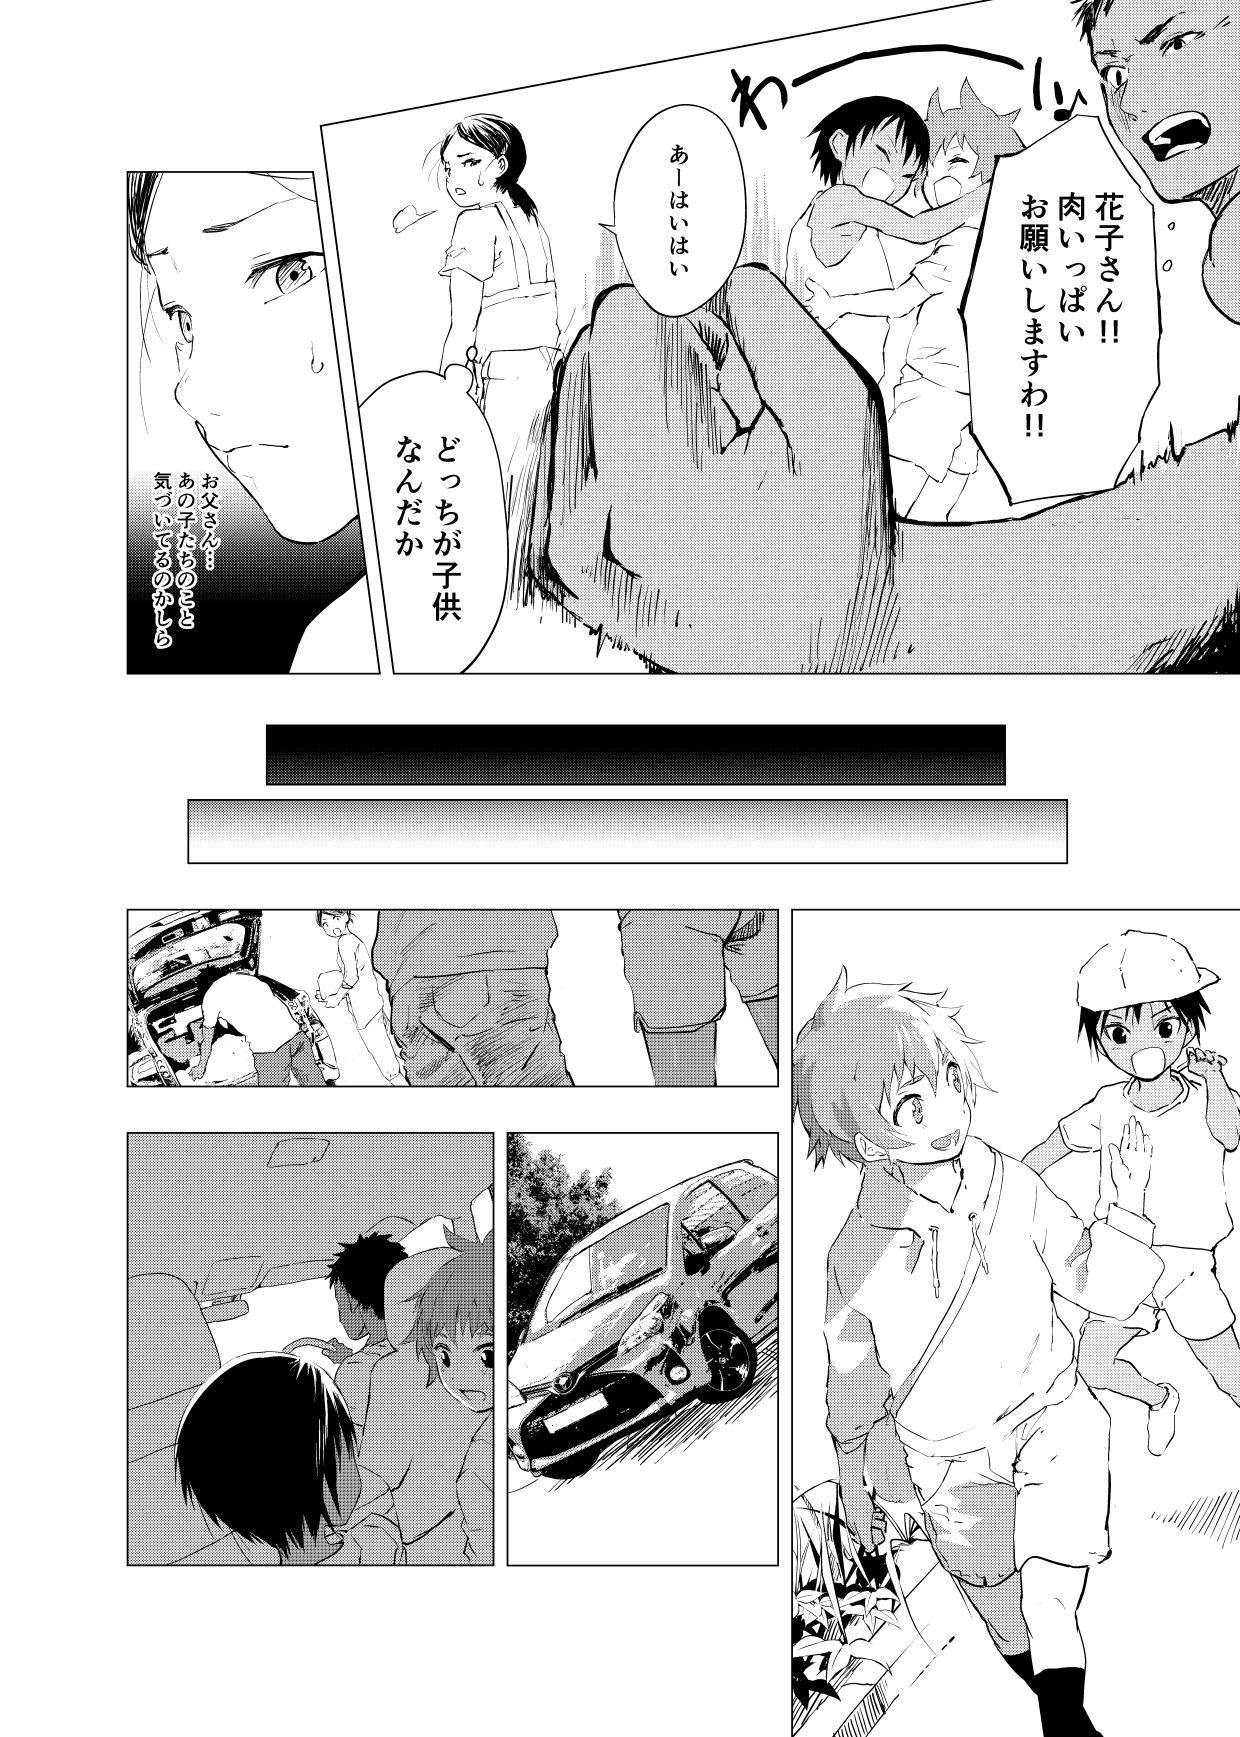 Inaka no Uke Shounen to Tokai no Seme Shounen no Ero Manga 1-6 66